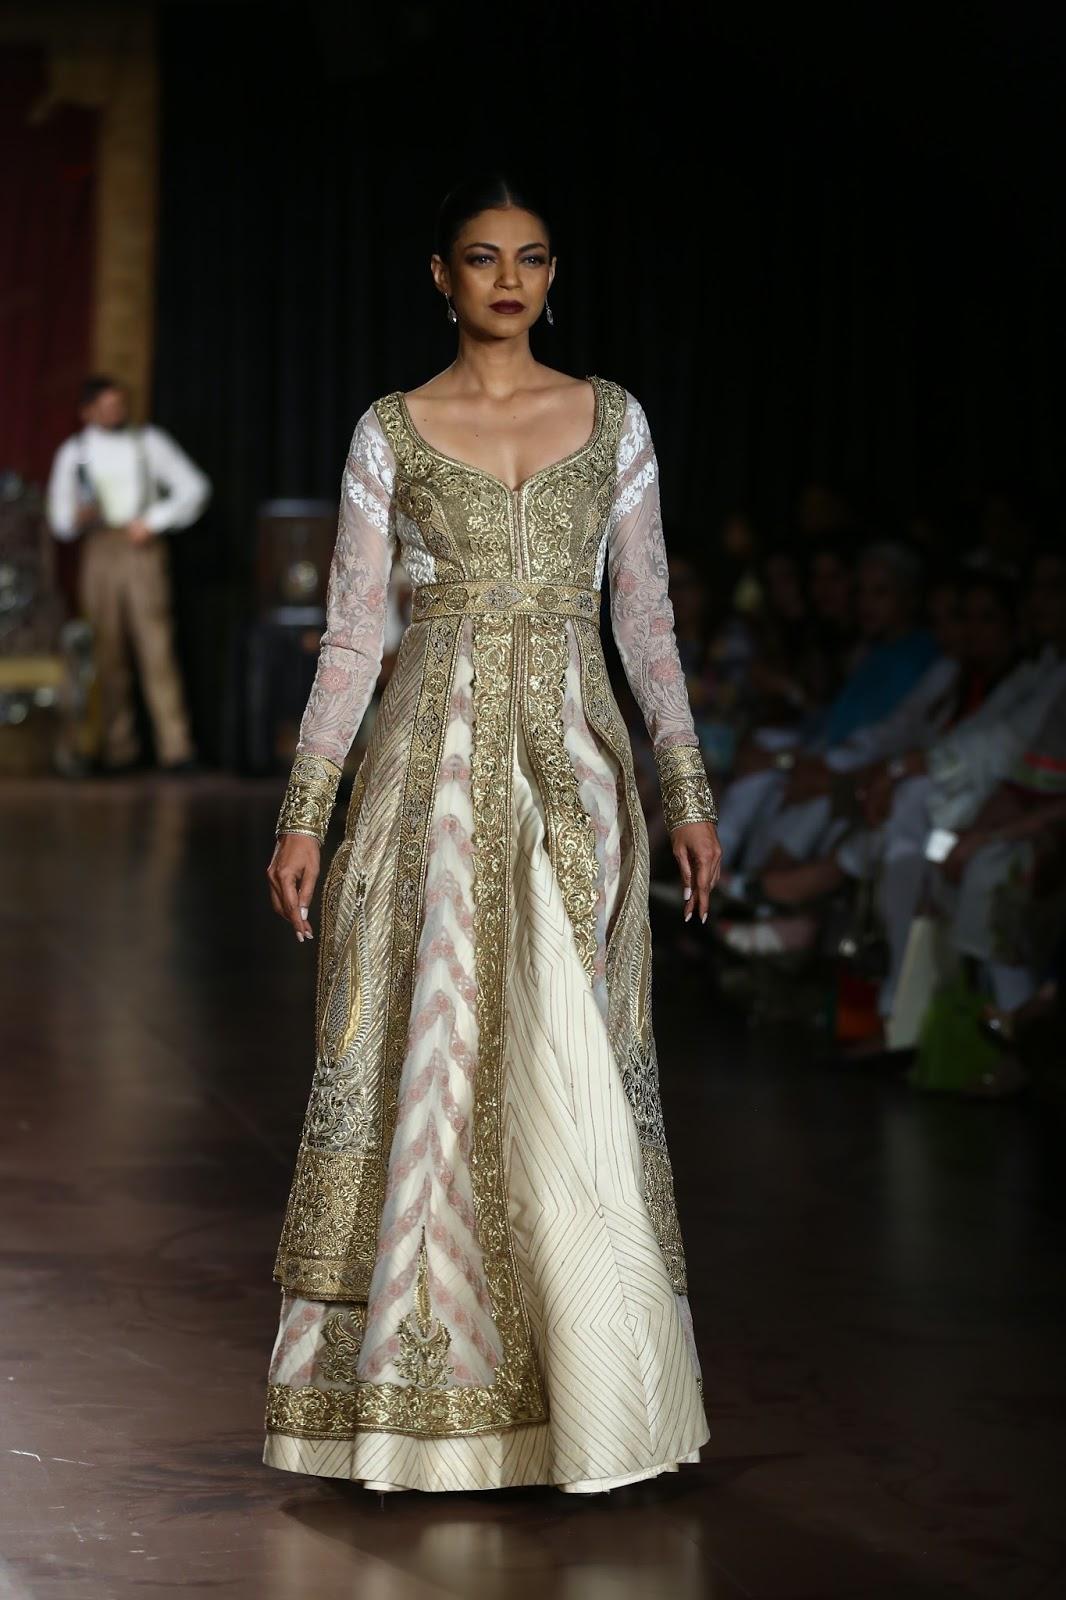 Aki narula fashion designer 47